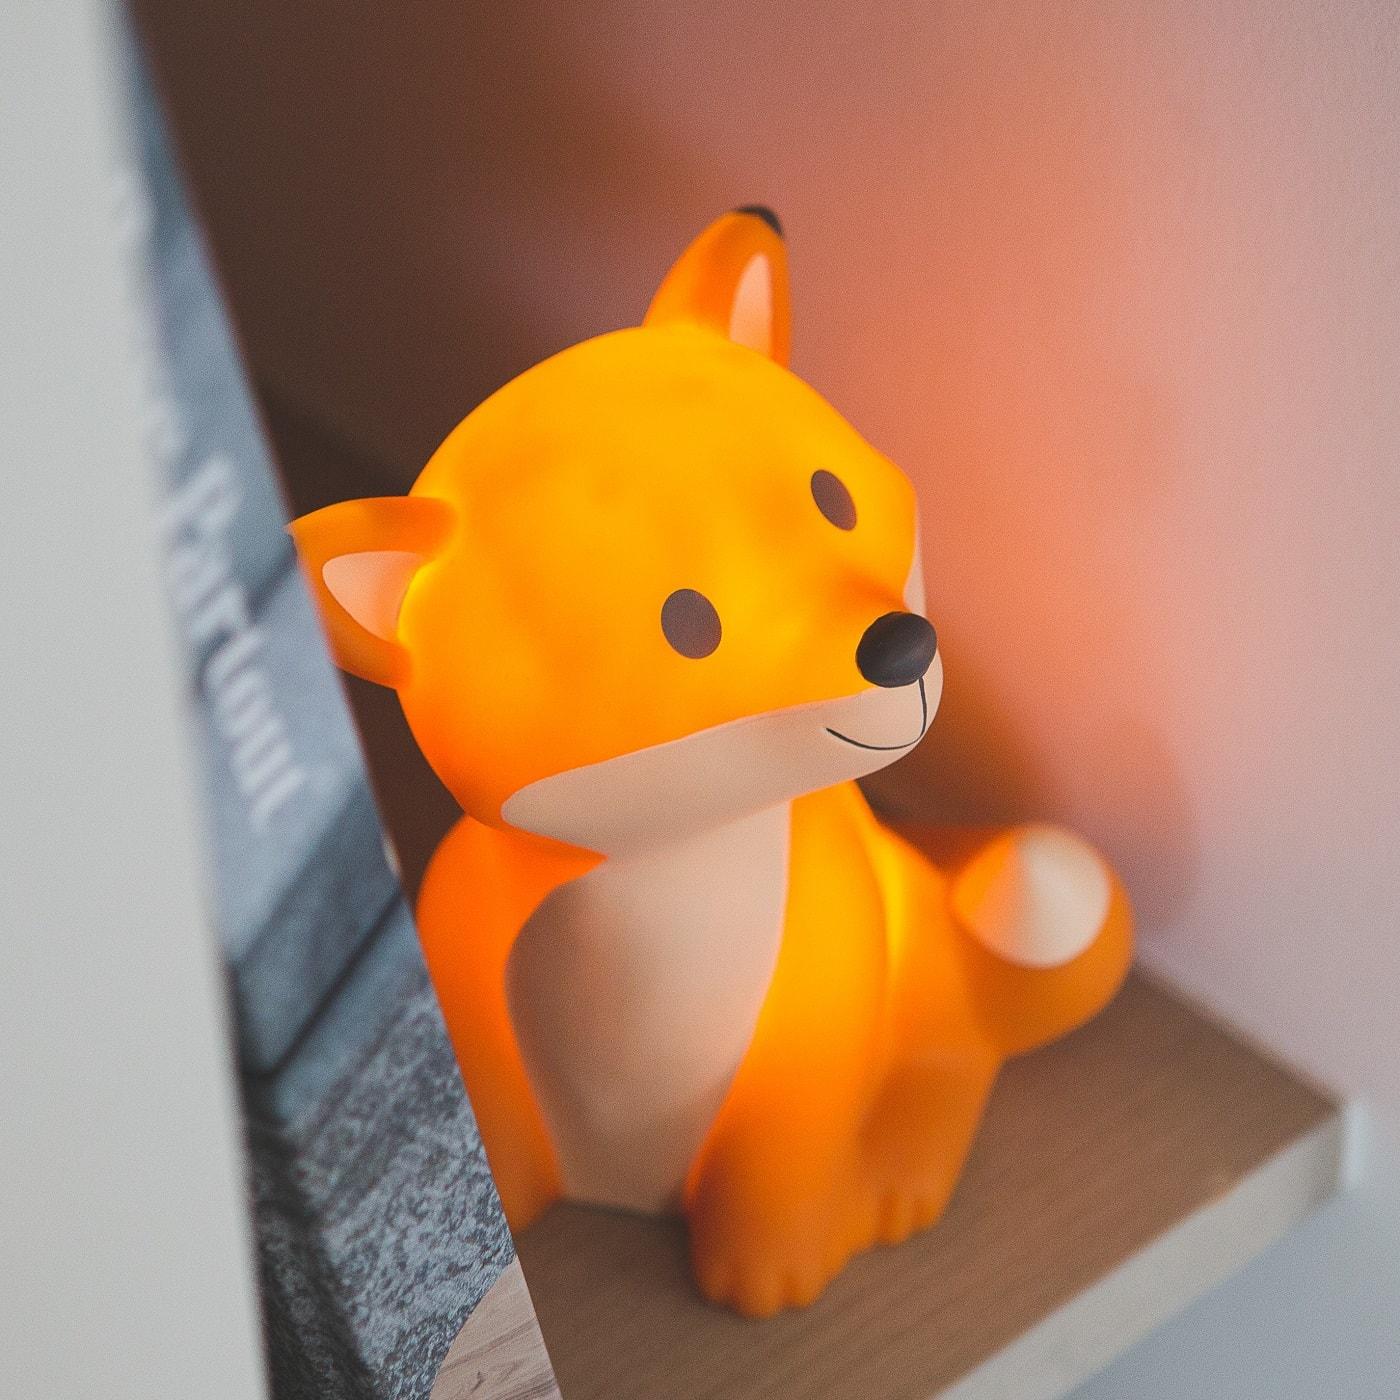 Leuchtende Nachtlampe als Weihnachtsgeschenk für Kinder // HIMBEER